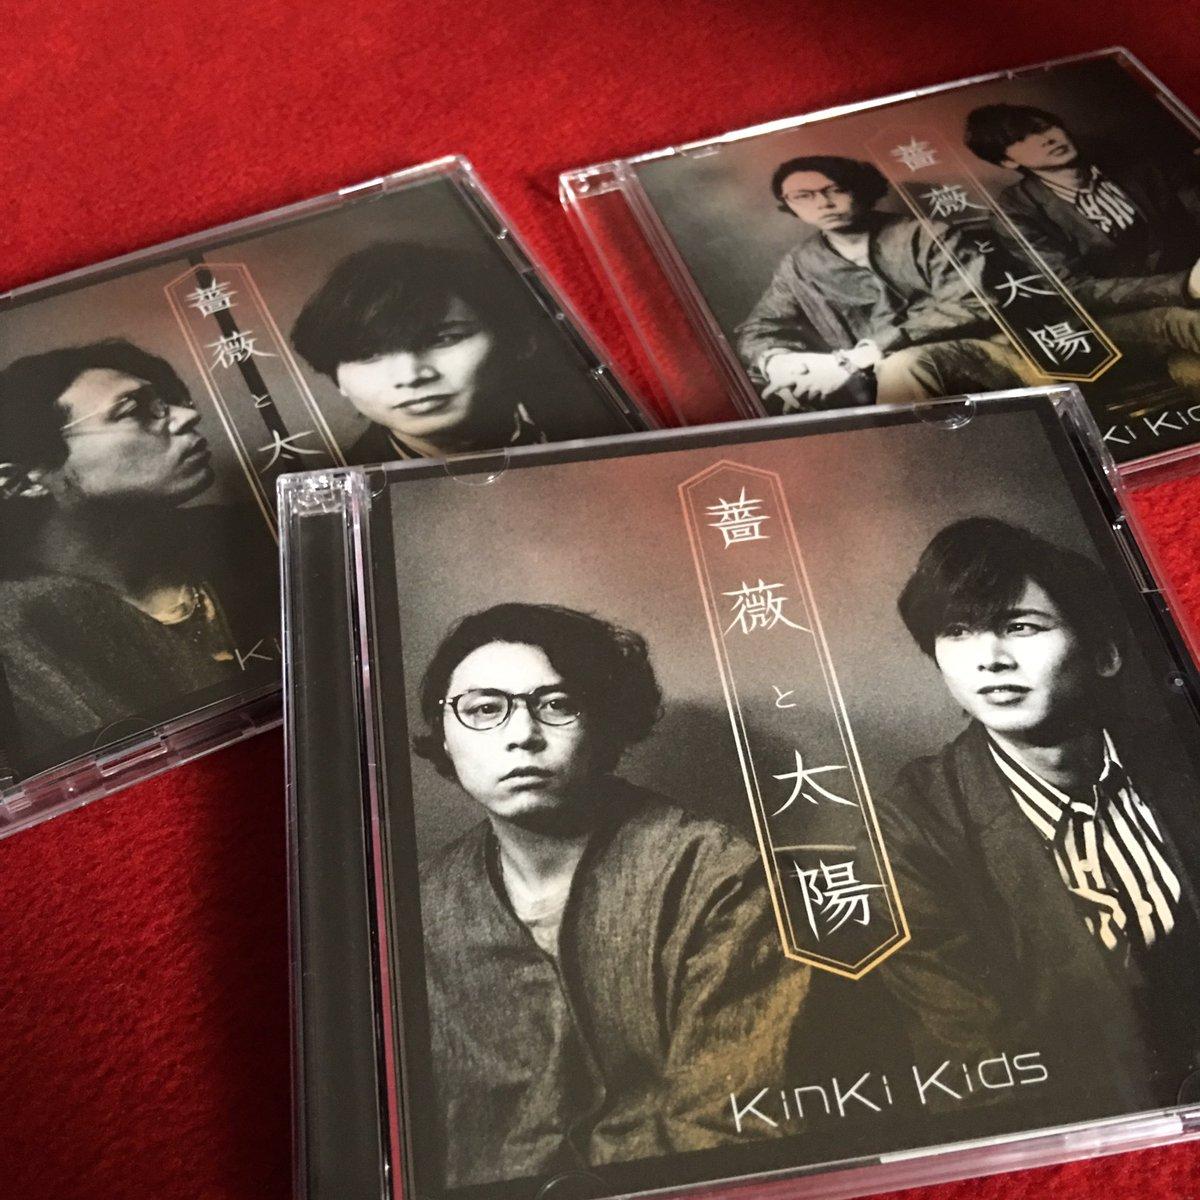 KinKi Kids、36th single「薔薇と太陽」。キンキの2人と共同プロデュースしました。20周年を迎えるこのタイミングで自分を呼んでもらい、名誉に感じています。MV(初回A)にも出てるので観てね。本日7/20、リリース! https://t.co/AKfuzve3ED